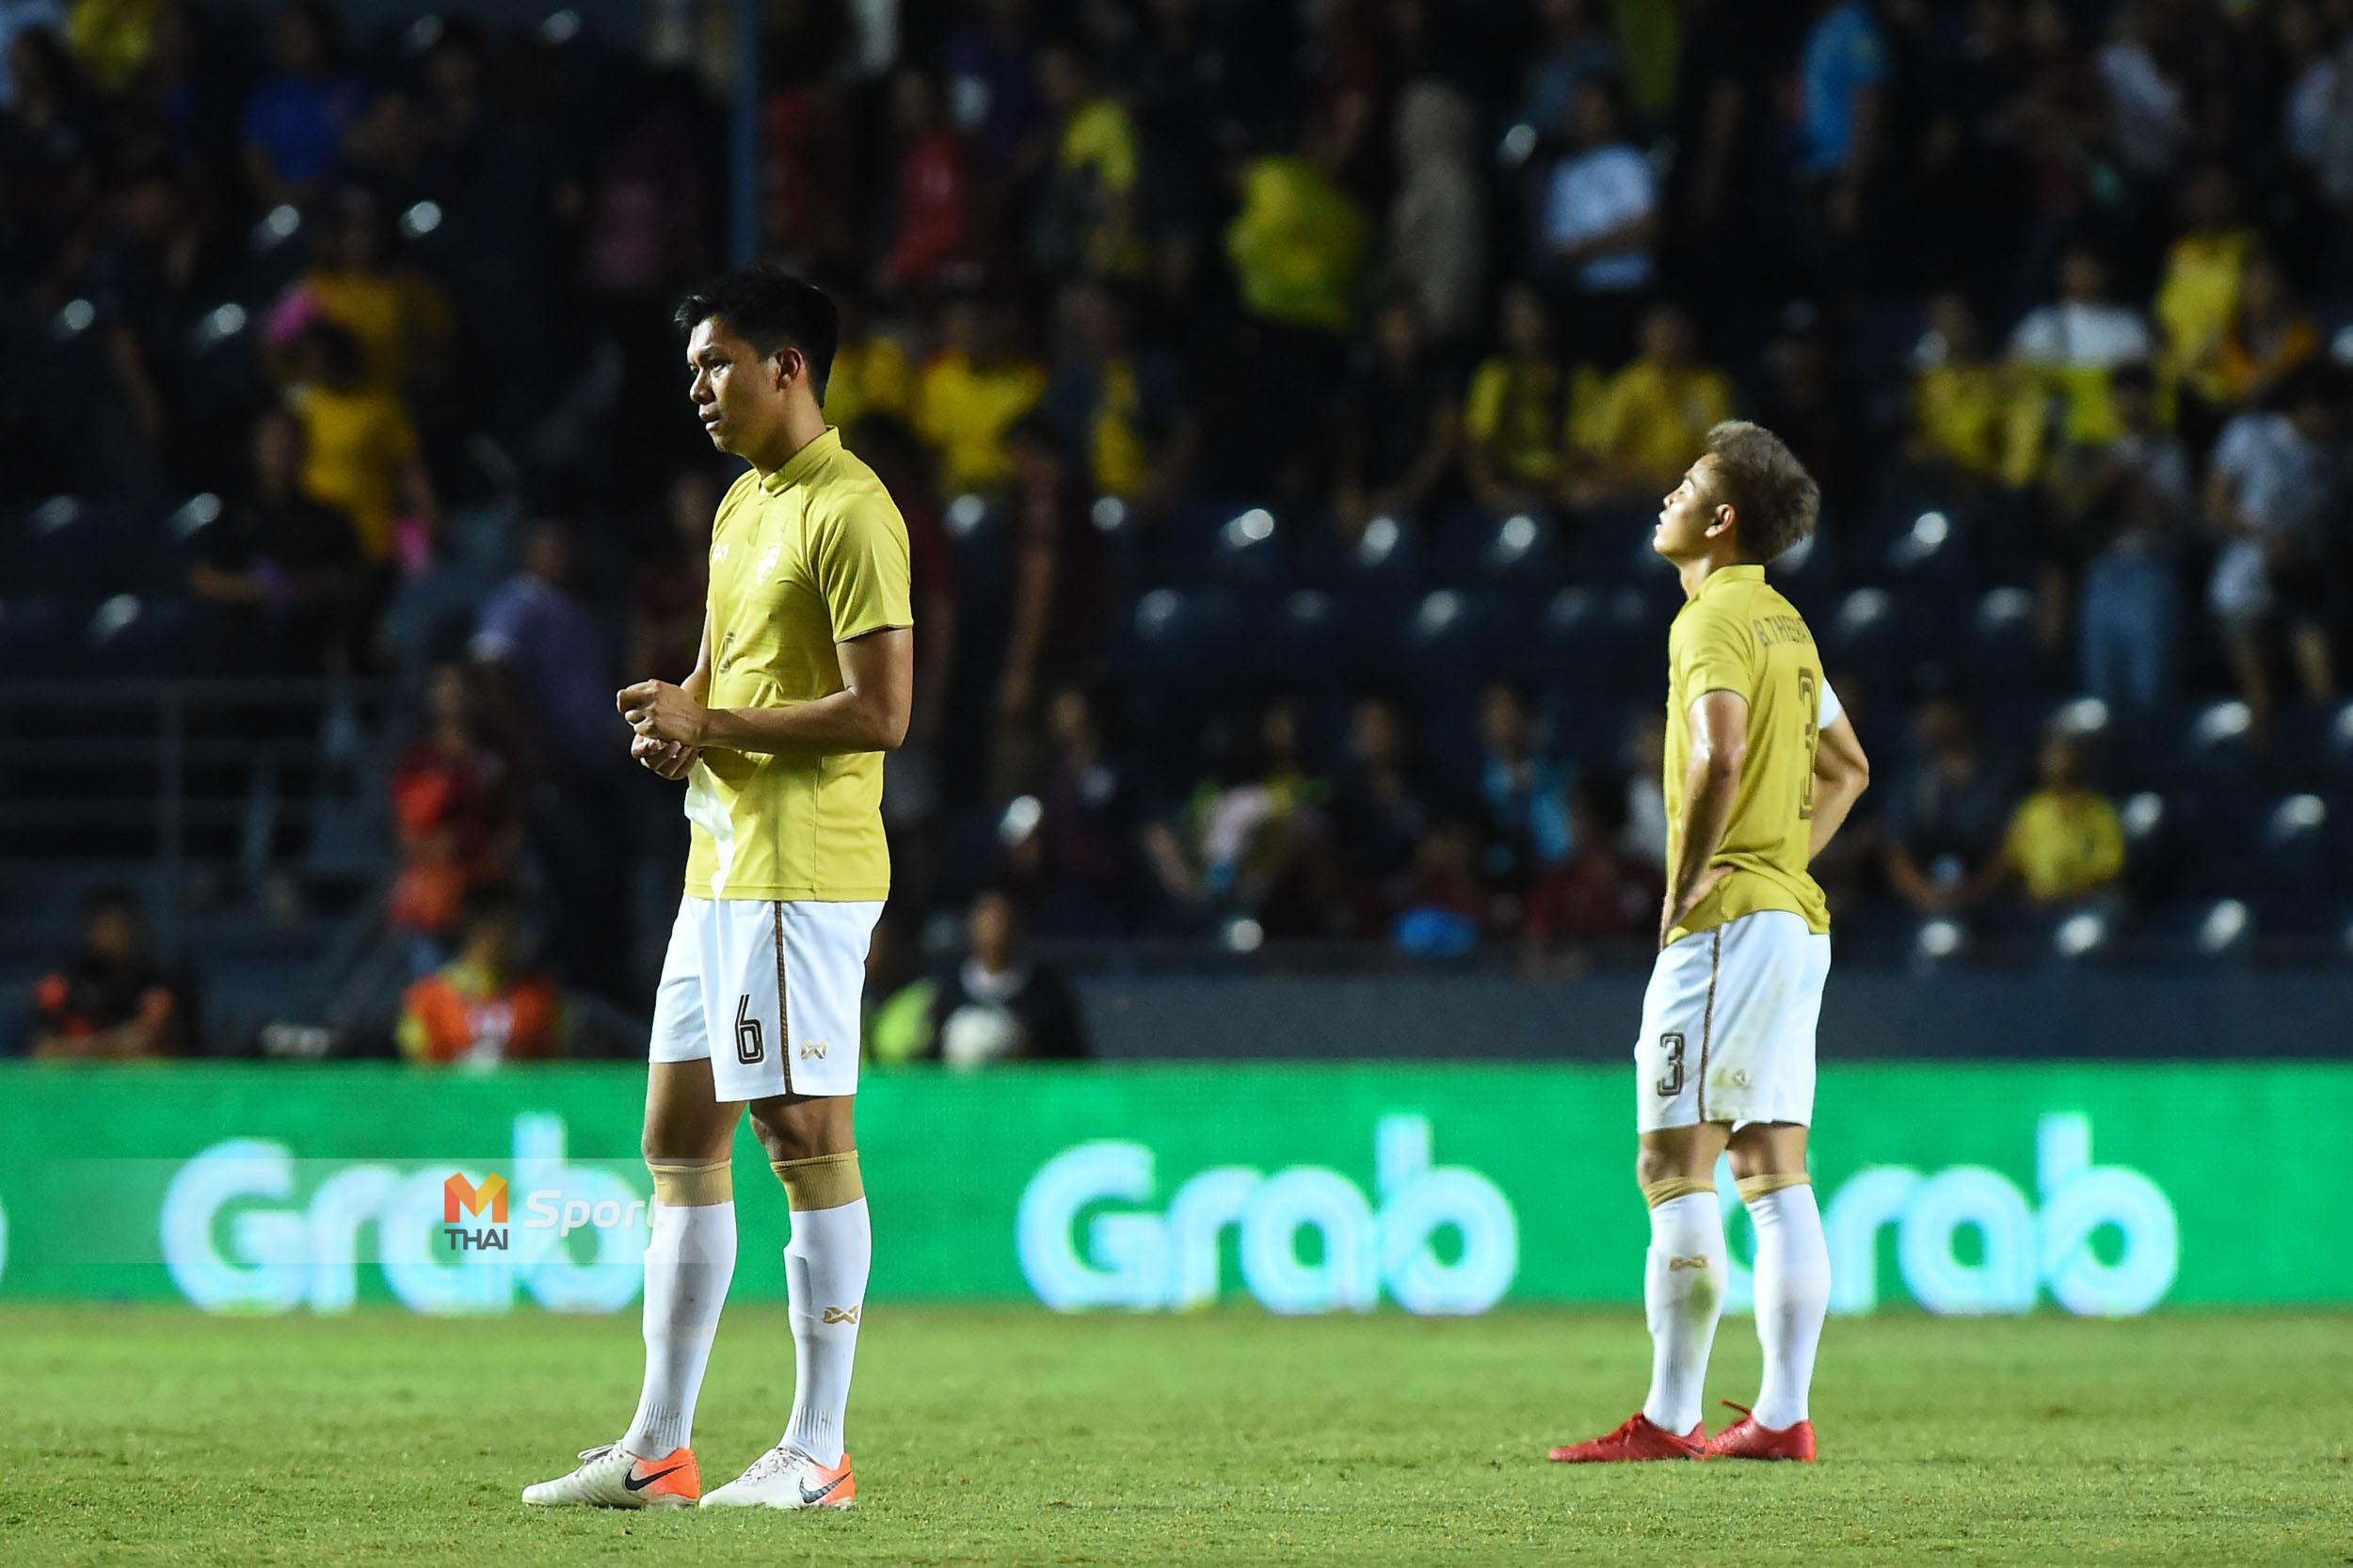 คิงส์ คัพ คิงส์คัพ 2019 ทีมชาติเวียดนาม ทีมชาติไทย